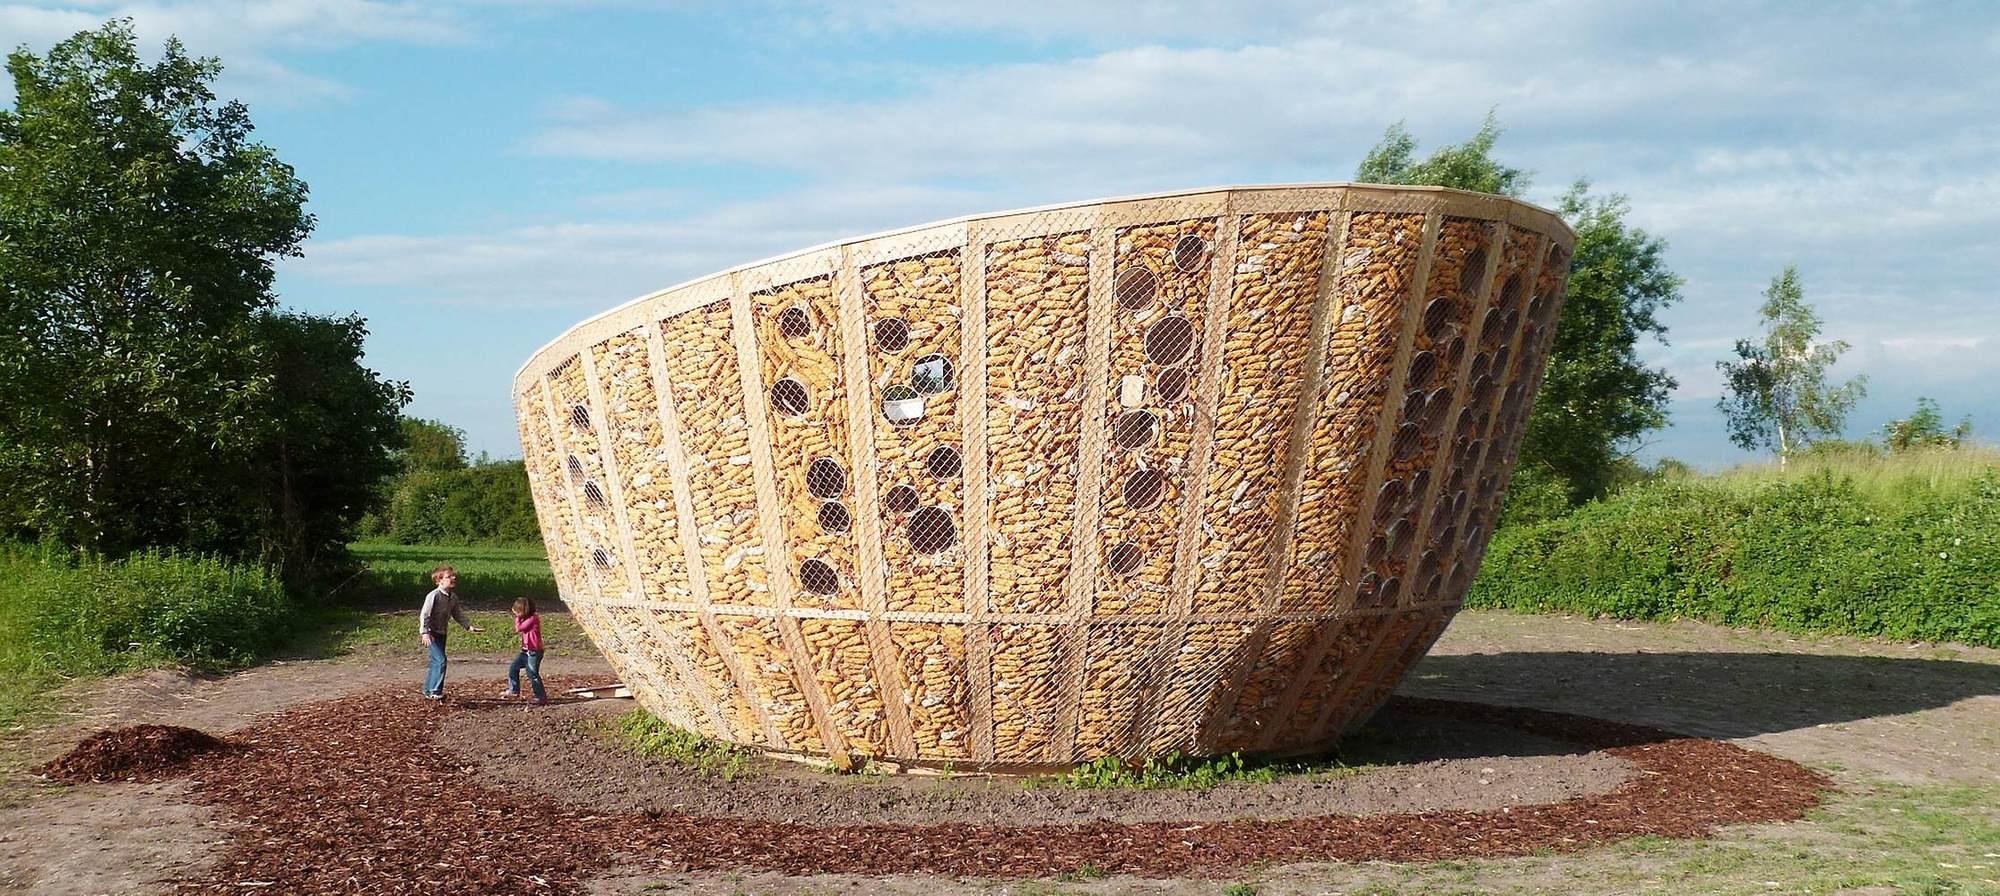 Tourner autour du Ried / StAndré-Lang Architectes, Cortesia de StAndré-Lang Architectes